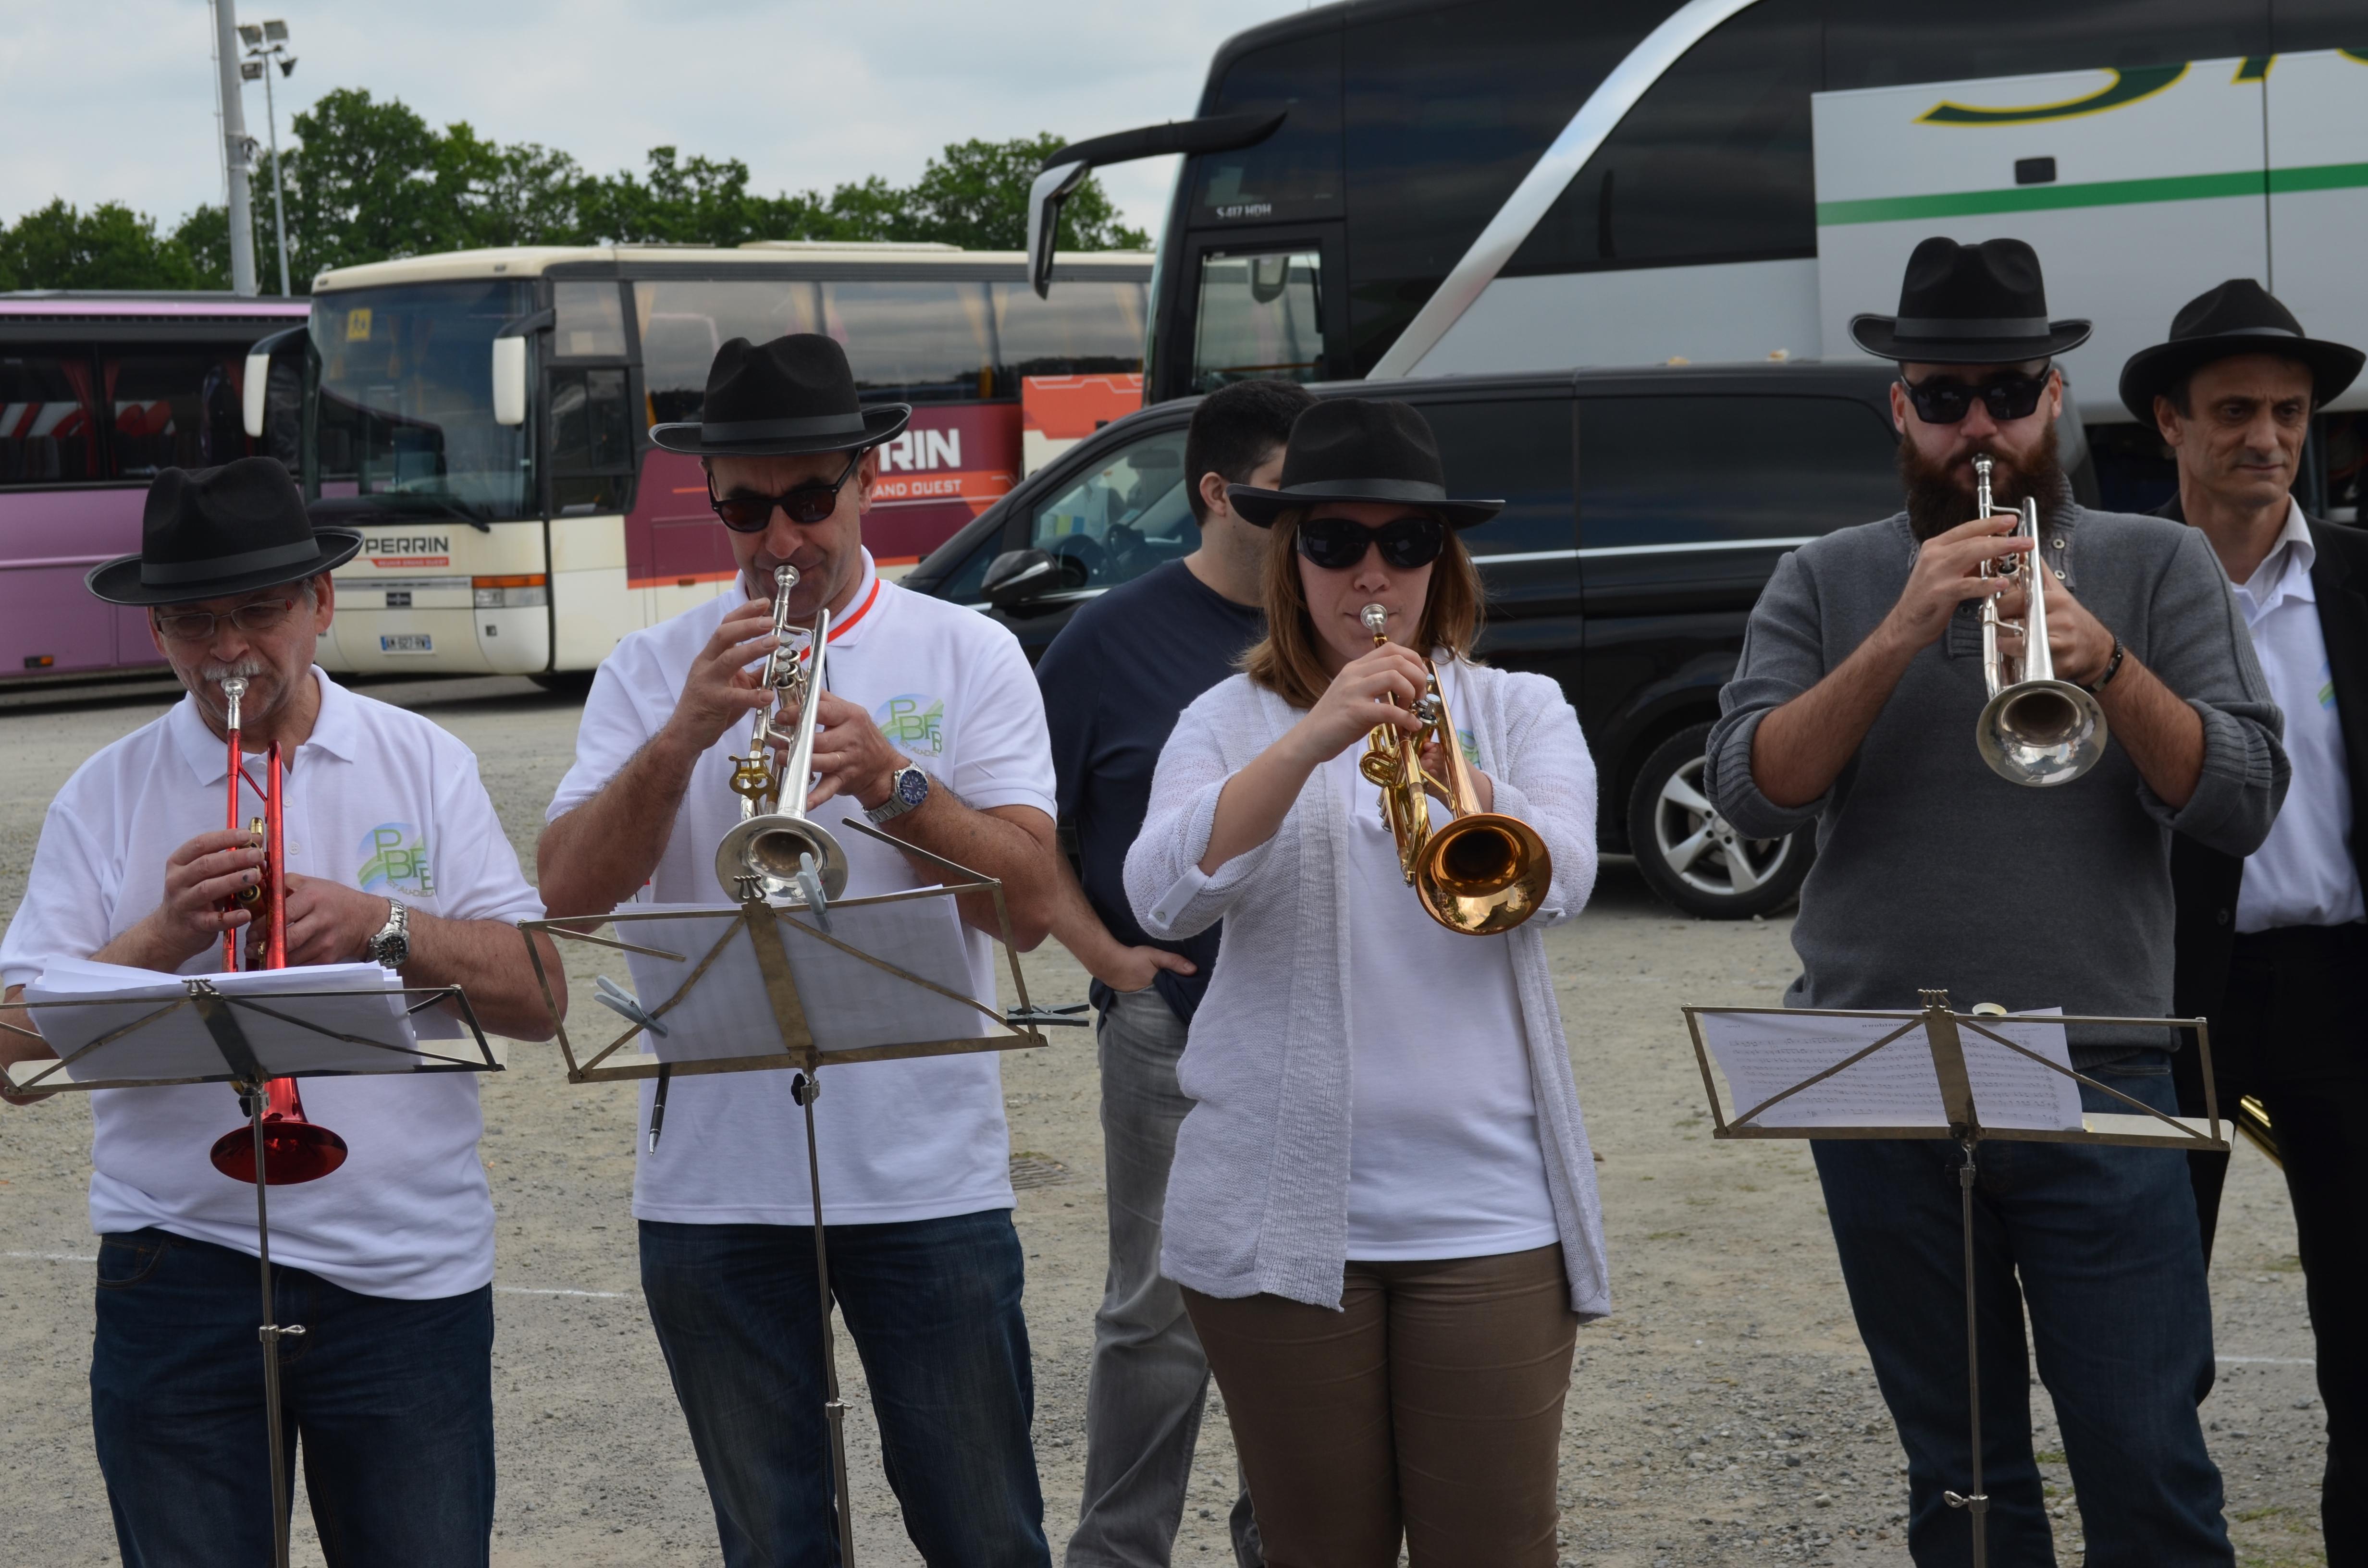 chauffe avant concours musique de rue